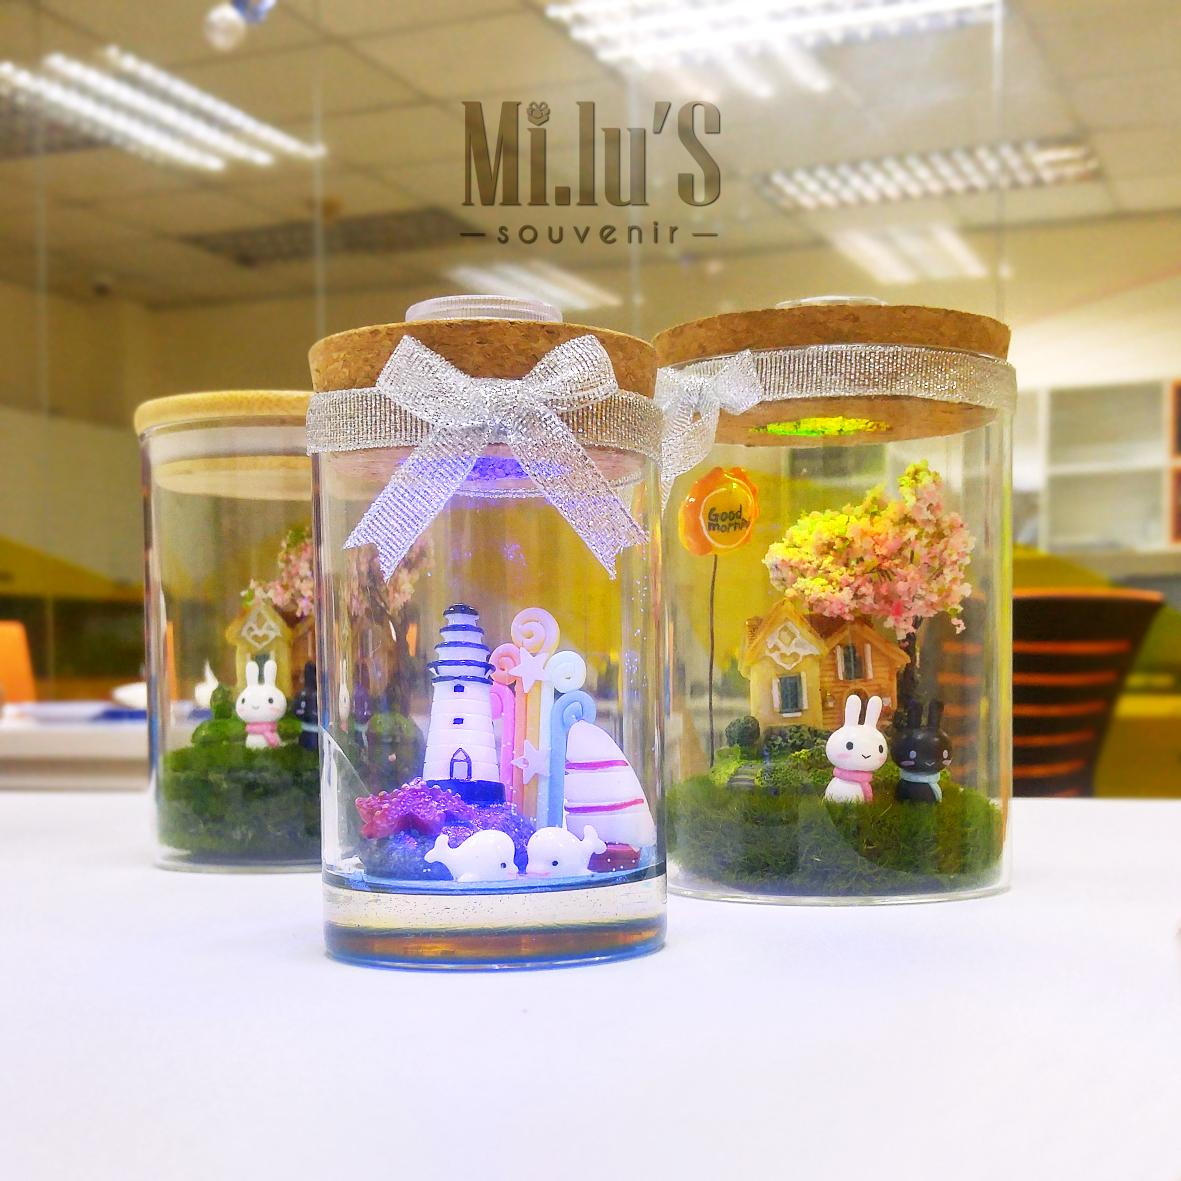 Cửa Hàng Bán Lọ Thủy Tinh Trang Tri Tiểu Cảnh Biển Cả Handmade Quà Tặng Sinh Nhật